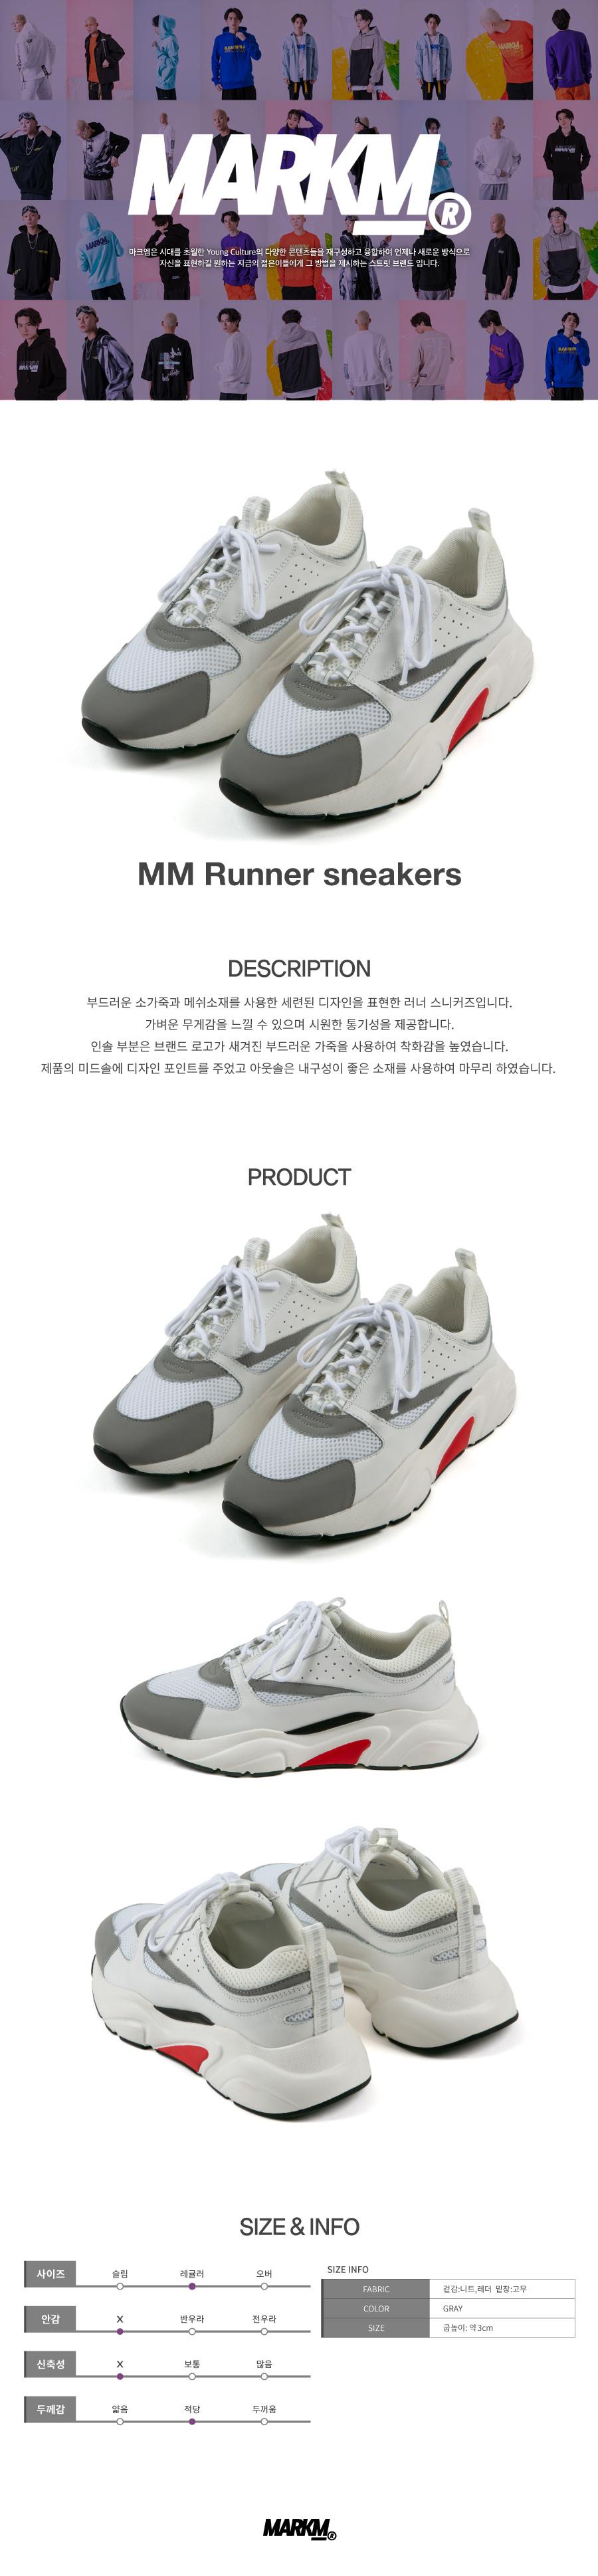 마크엠(MARKM) MM Runner sneakers